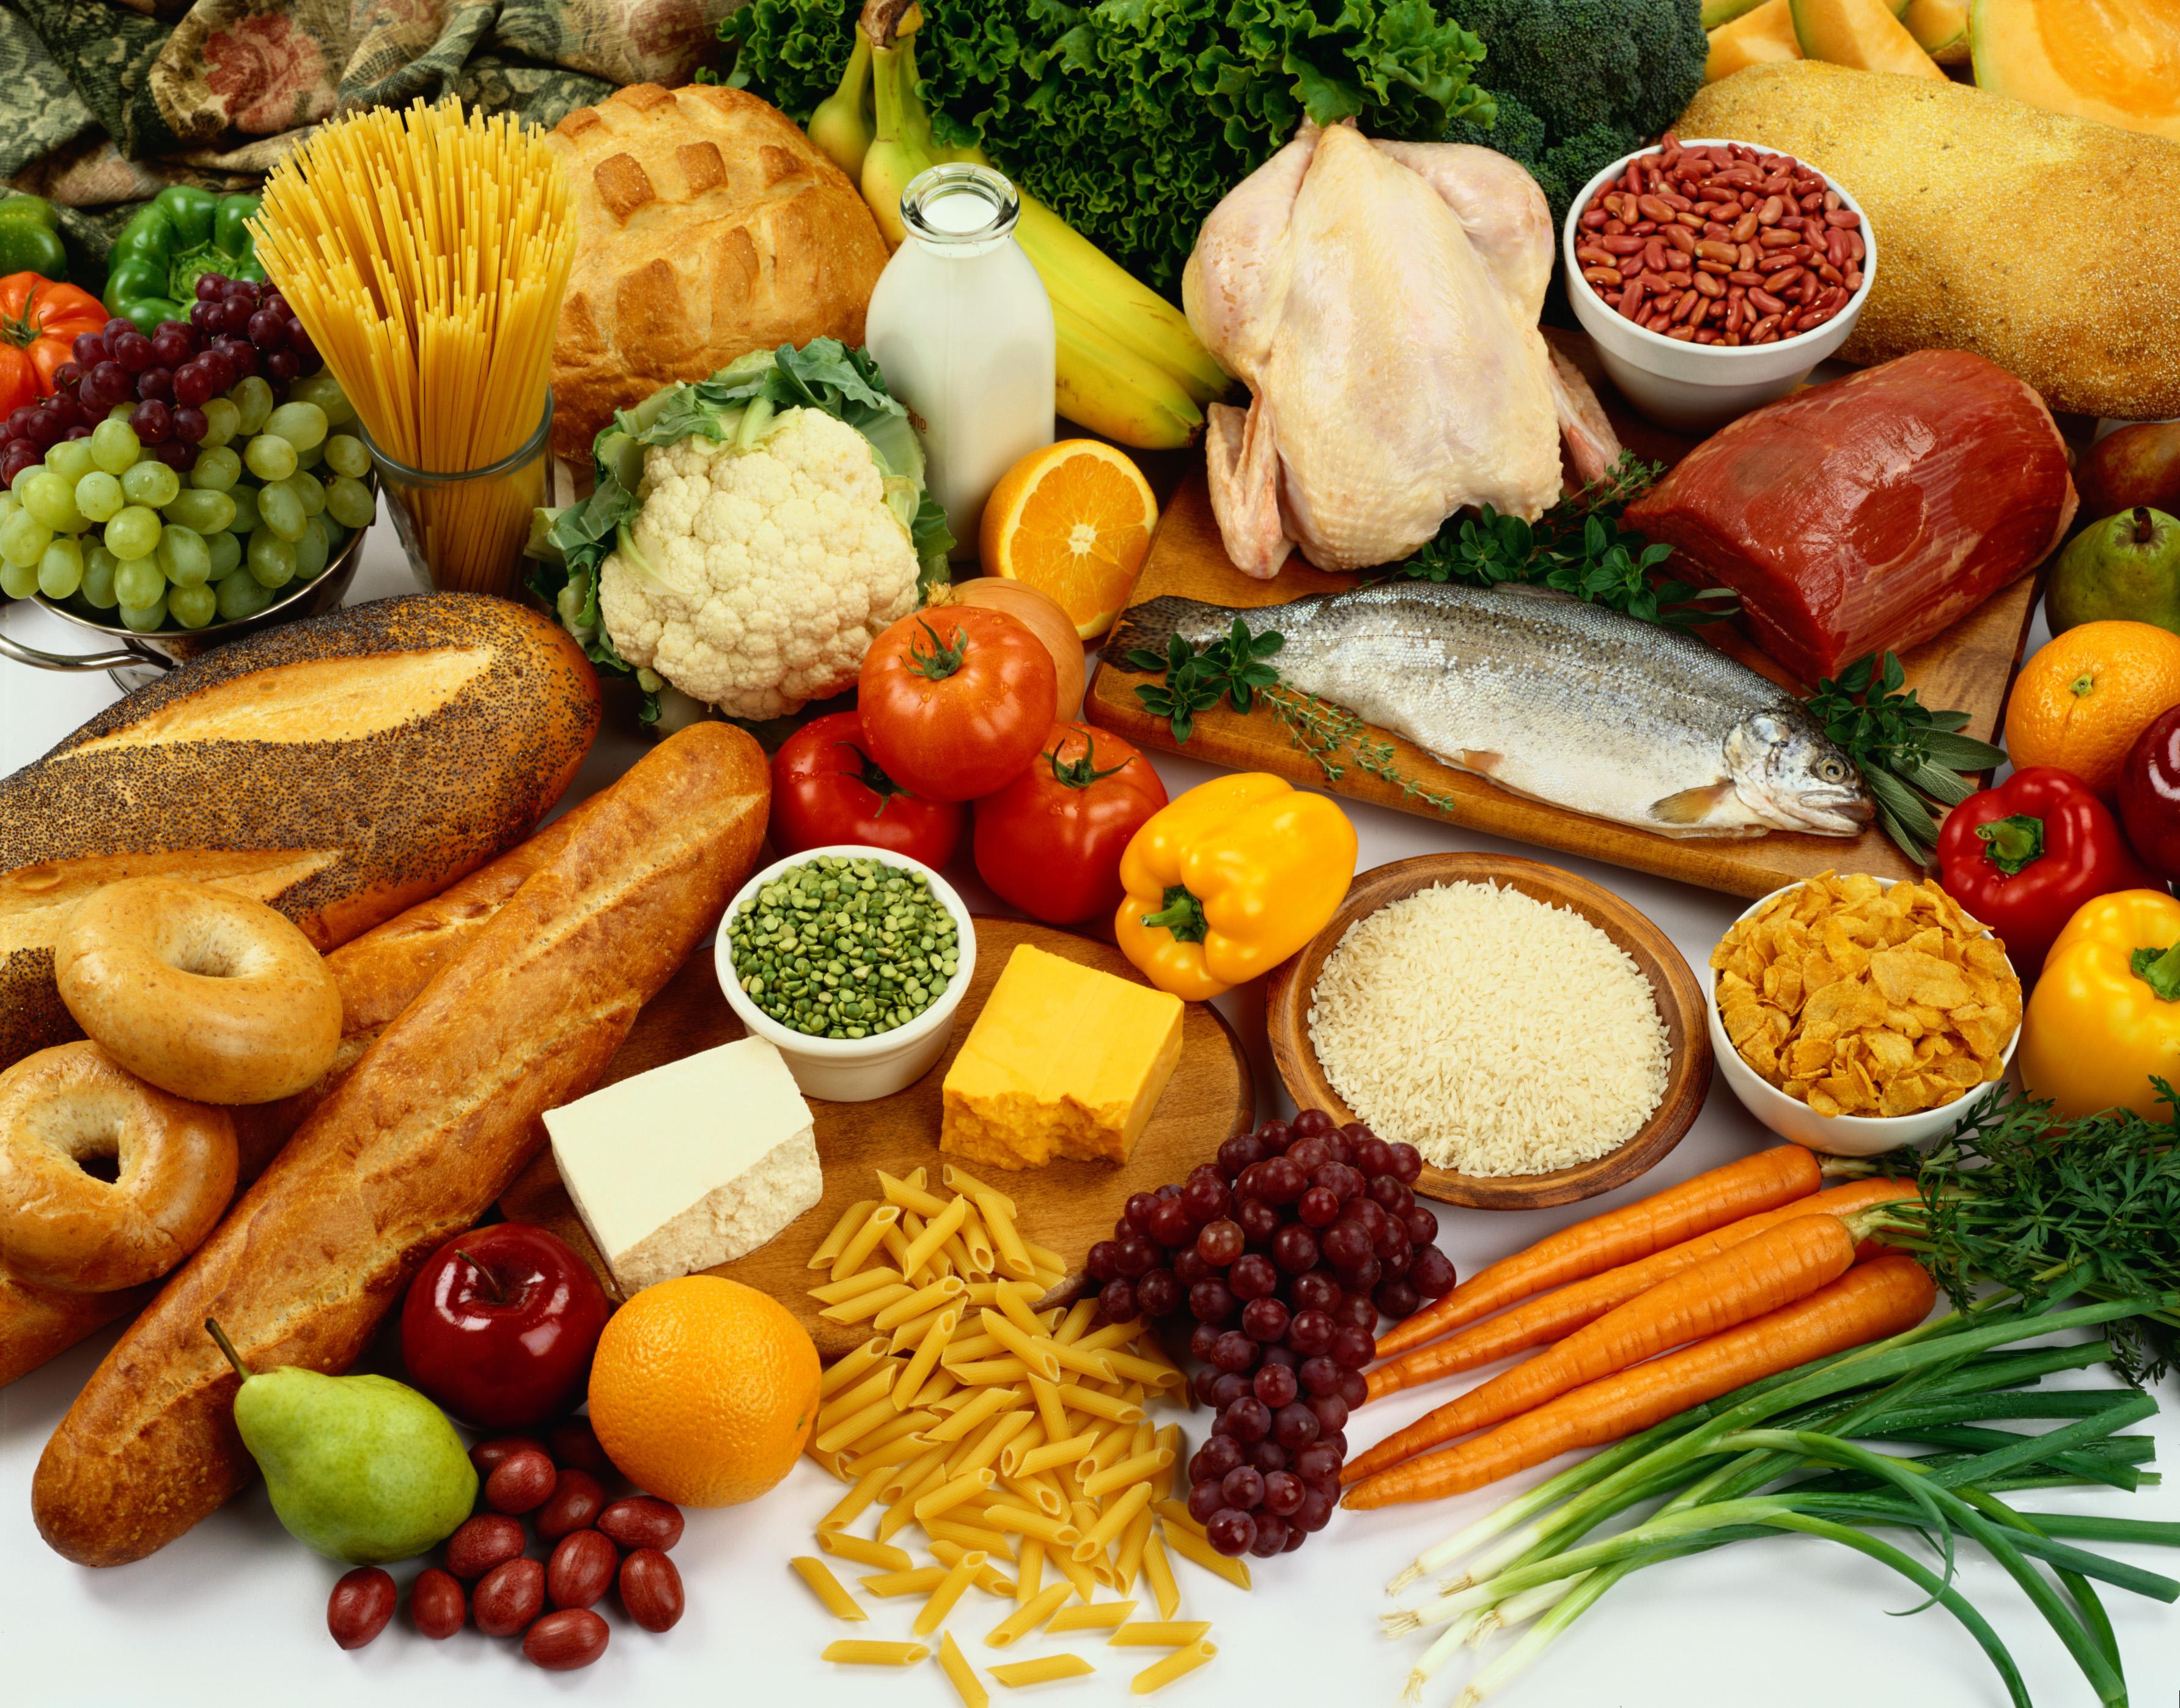 Uống rượu không nên ăn những loại thực phẩm gì?